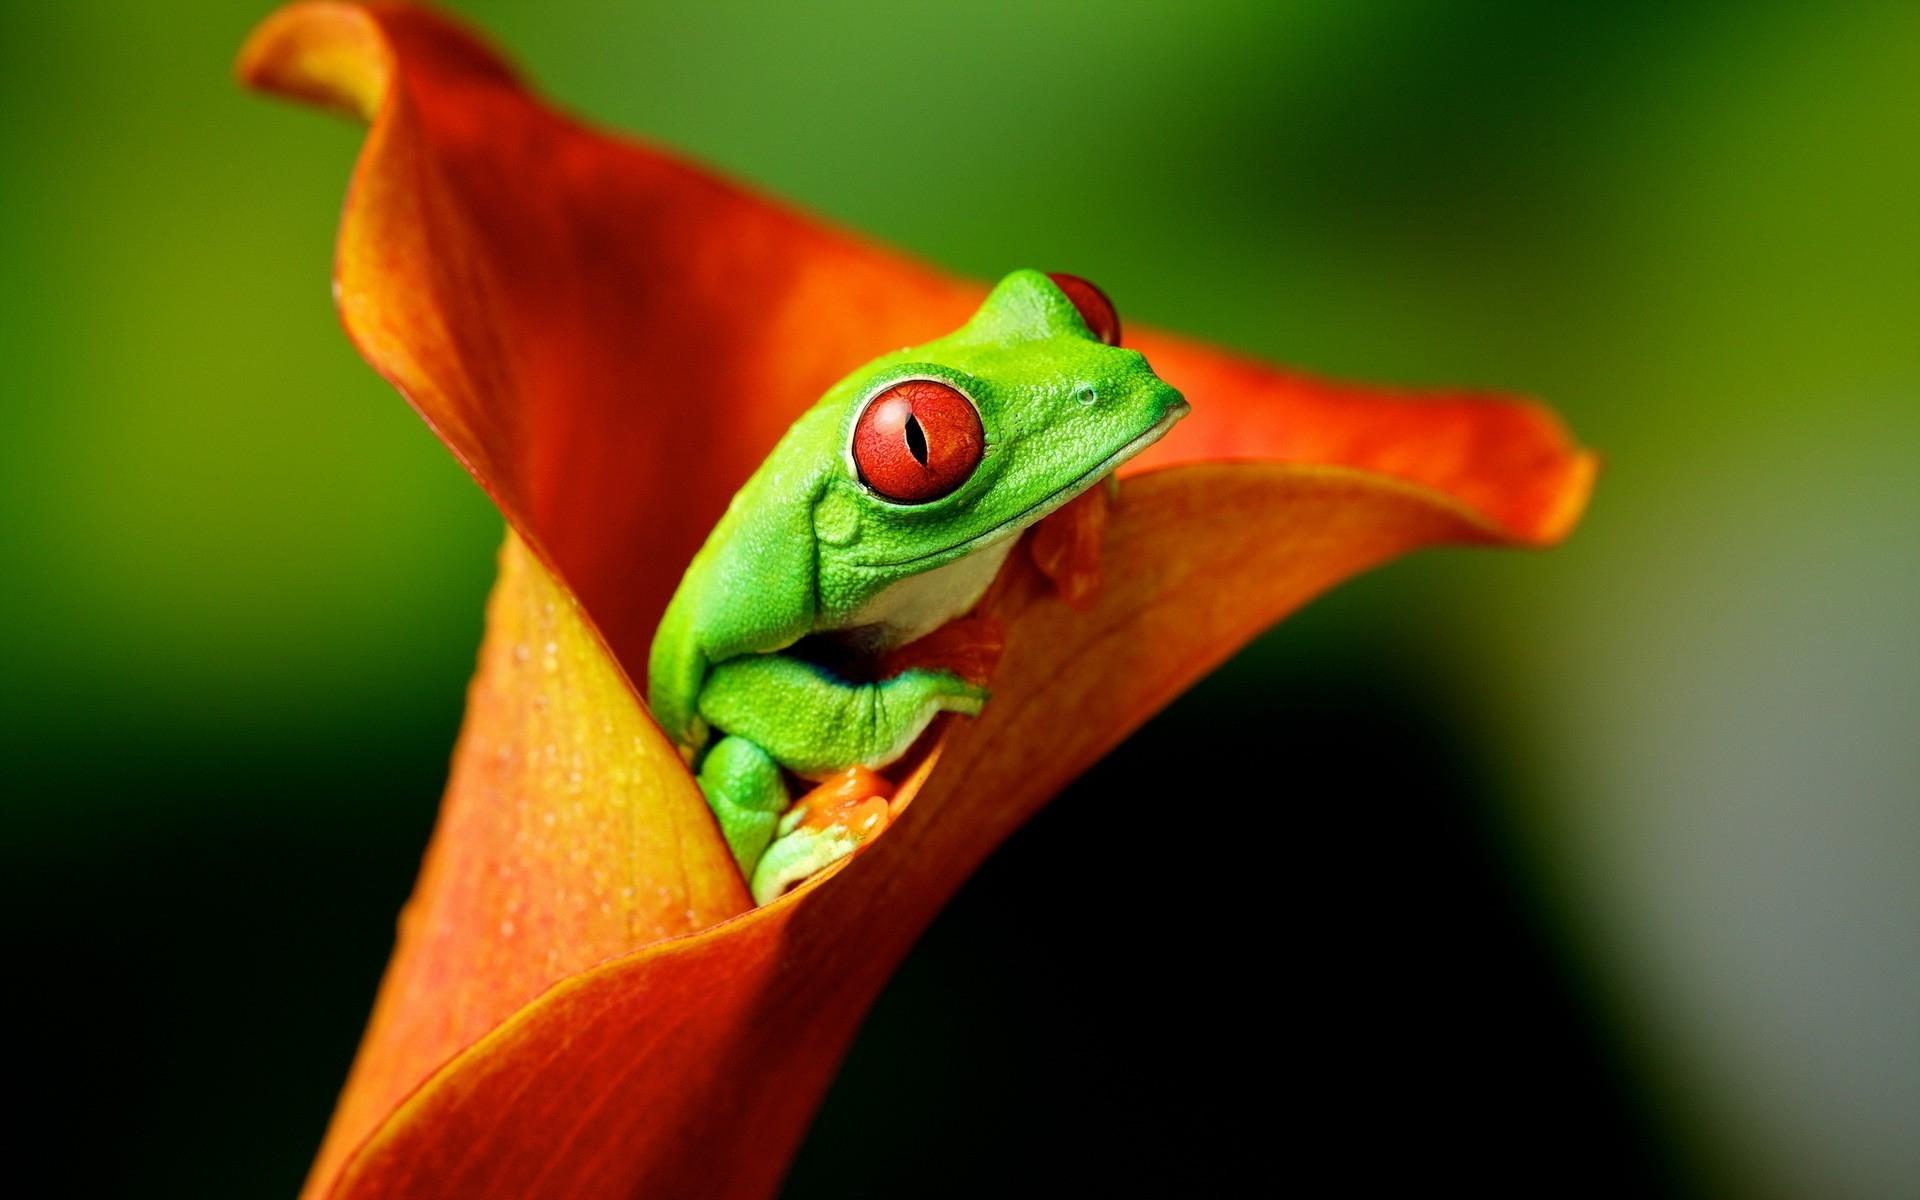 Hintergrundbilder : 1920x1200 px, Amphibien, hell, schließen, Farben ...